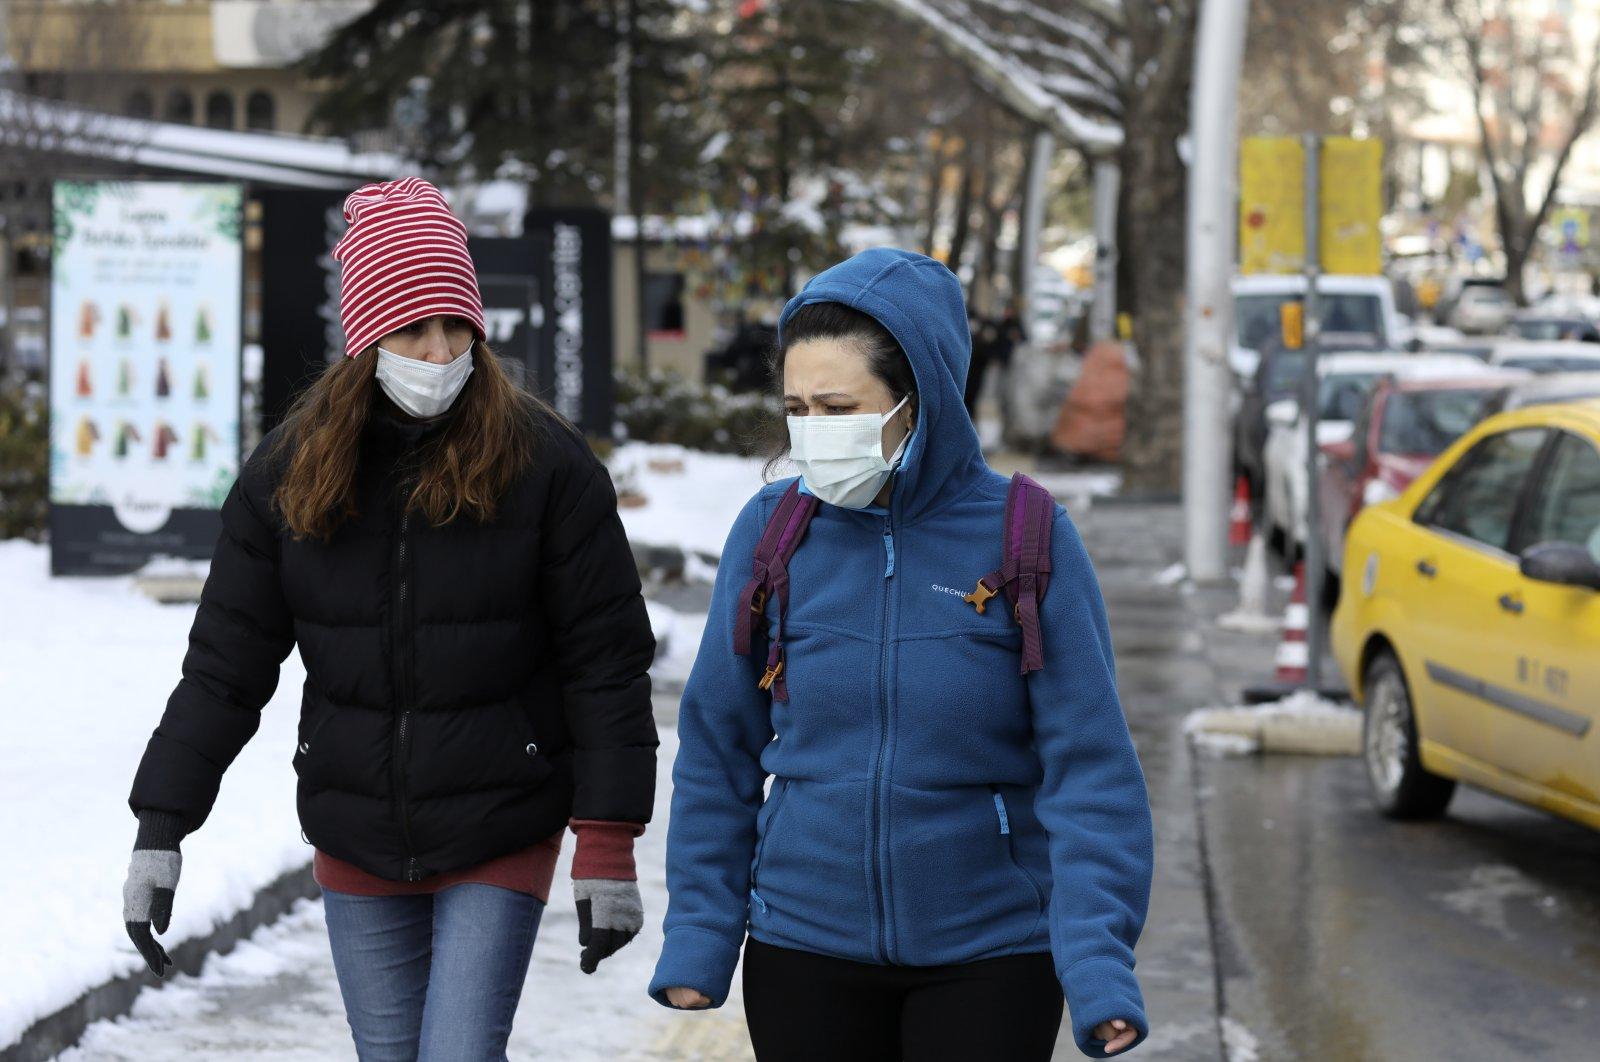 Women wearing masks walk along a busy street, in Ankara, Turkey, Feb. 17, 2021. (AP Photo)